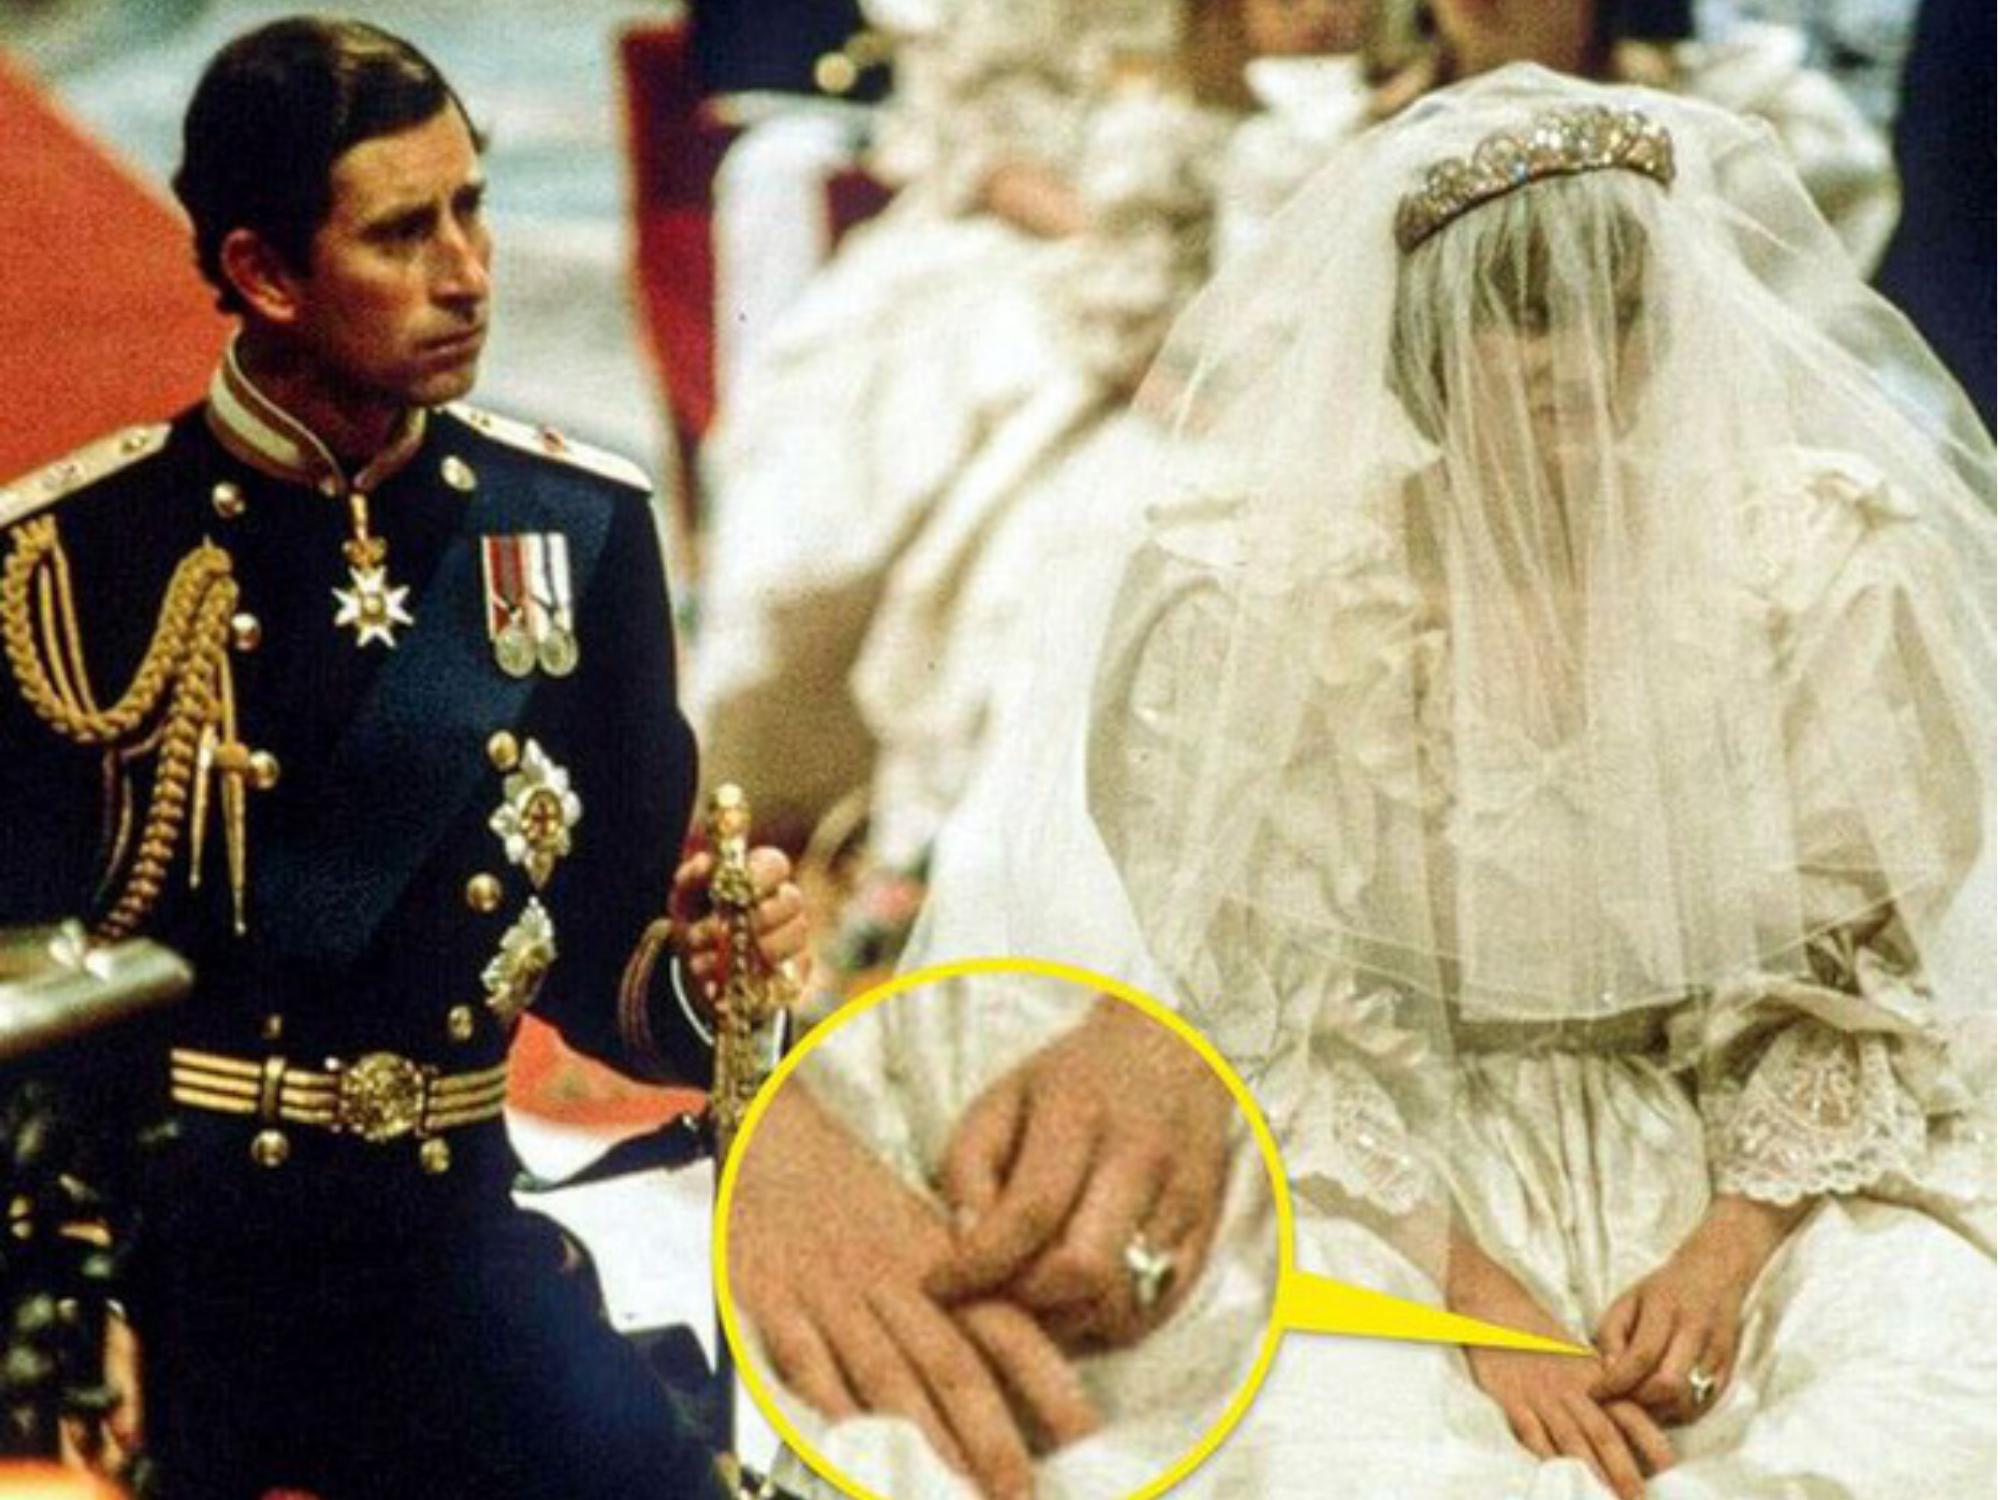 Bí mật đám cưới Hoàng gia Anh: Chiếc váy cưới 'to sụ' khiến Công nương Diana 'khổ sở' hay 'thủ thuật' độn bụng của Công nương Kate